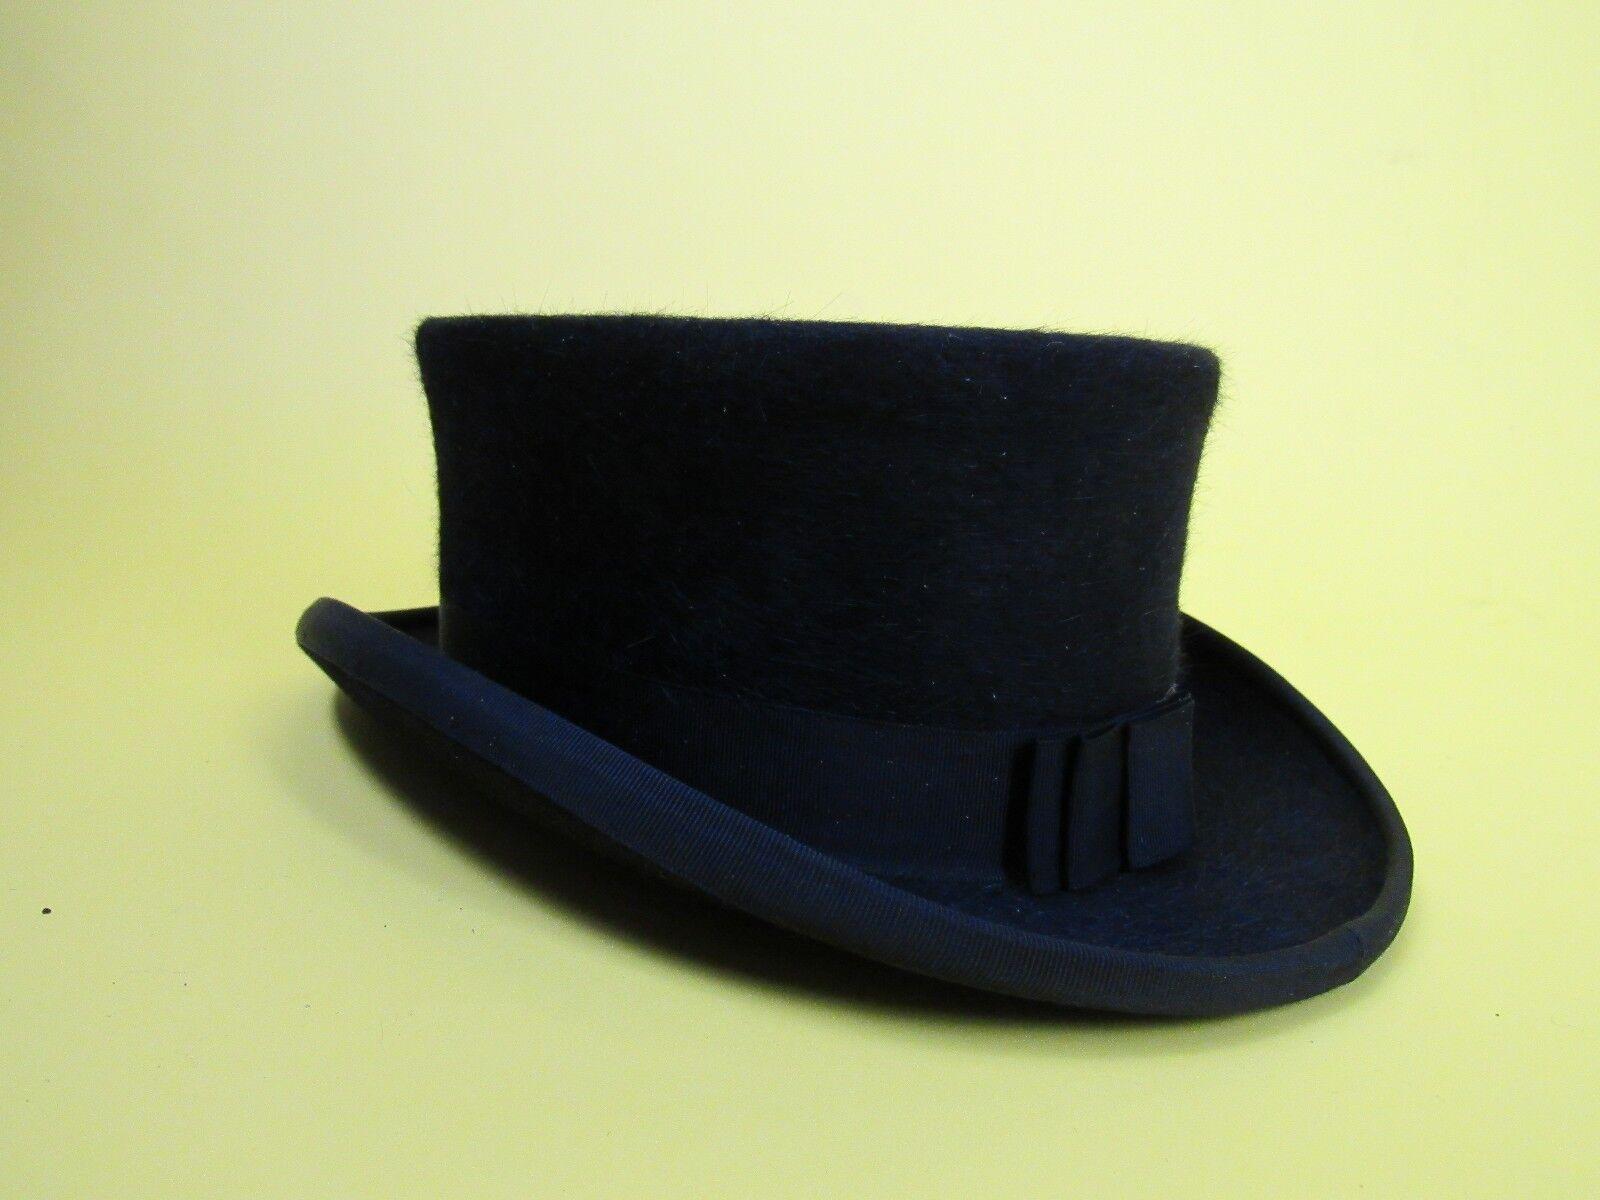 NUOVO con etichettaChristys 'Pelliccia Cappello Di Feltro dressageNeroTaglia 53 cm